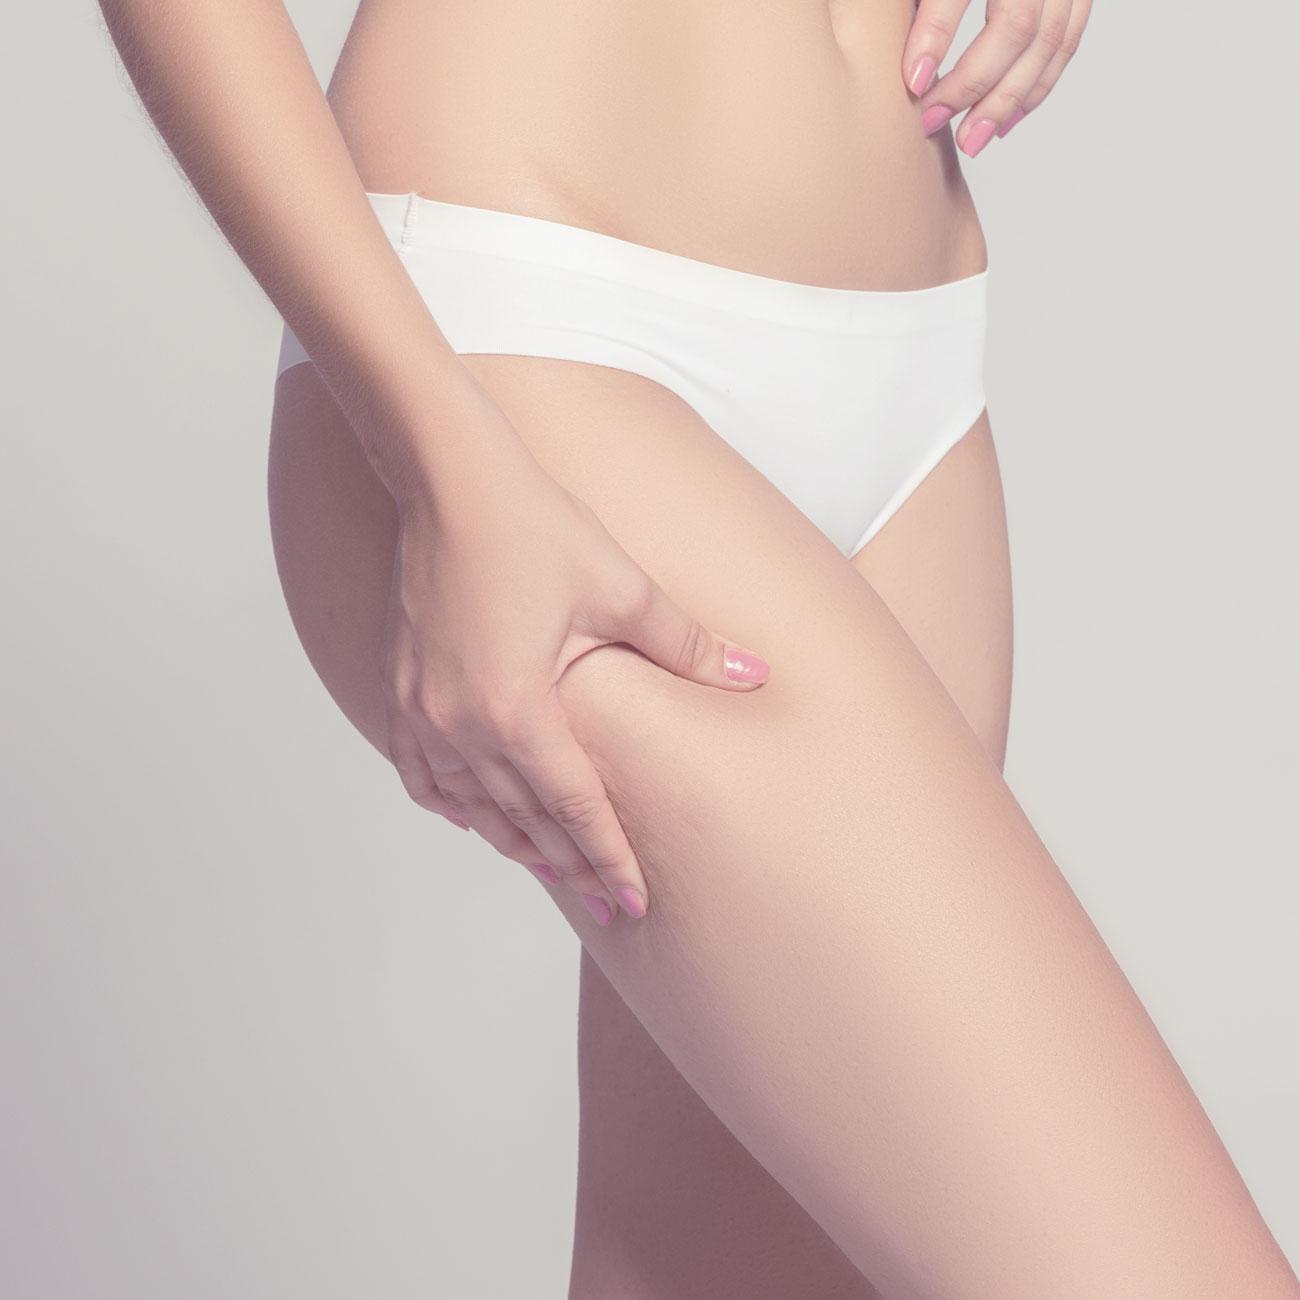 Mesoterapia corporal de clínica menorca